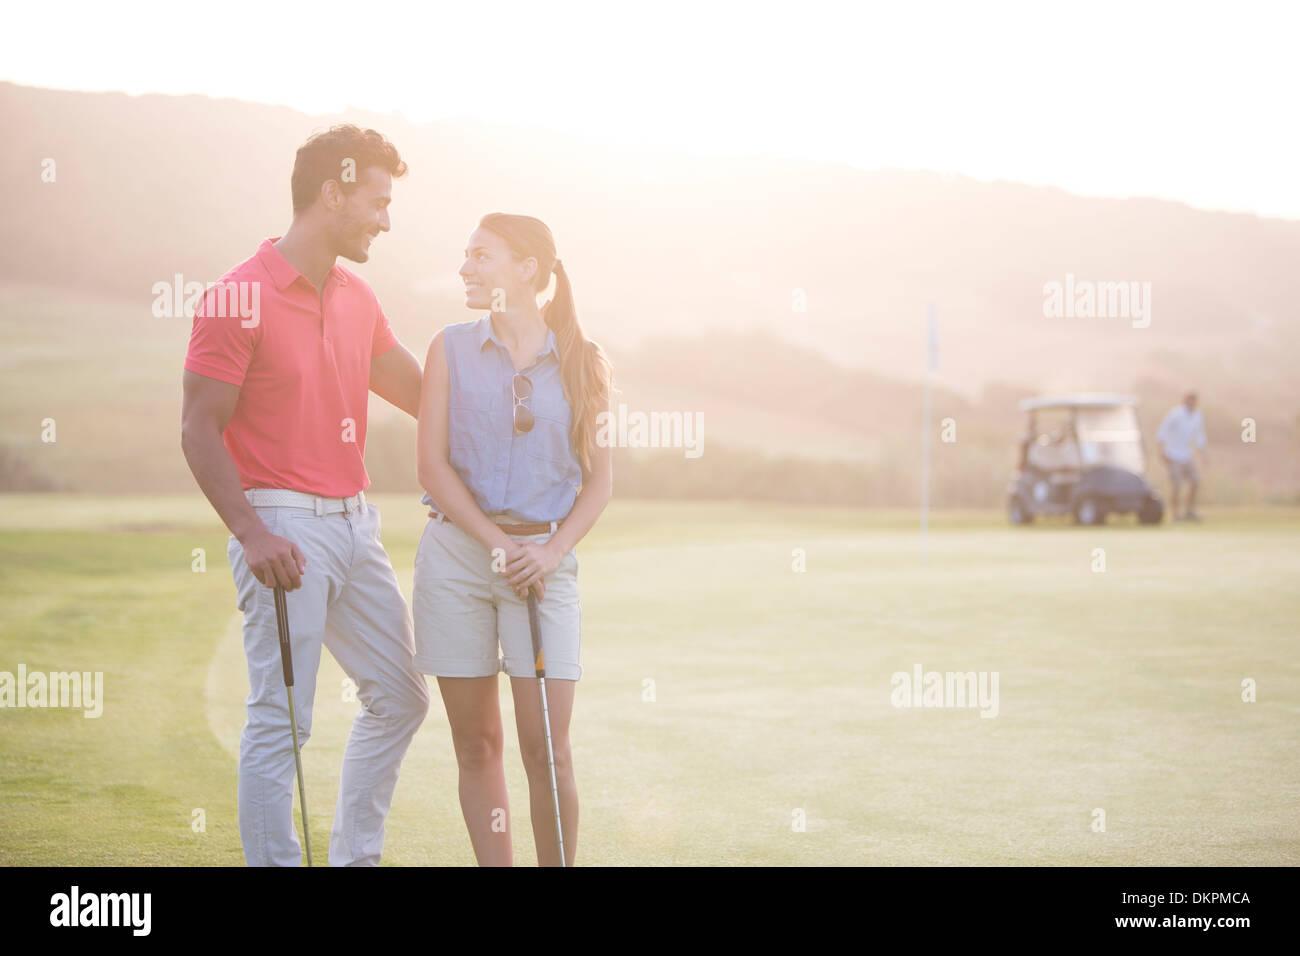 Paar am Golfplatz Stockfoto